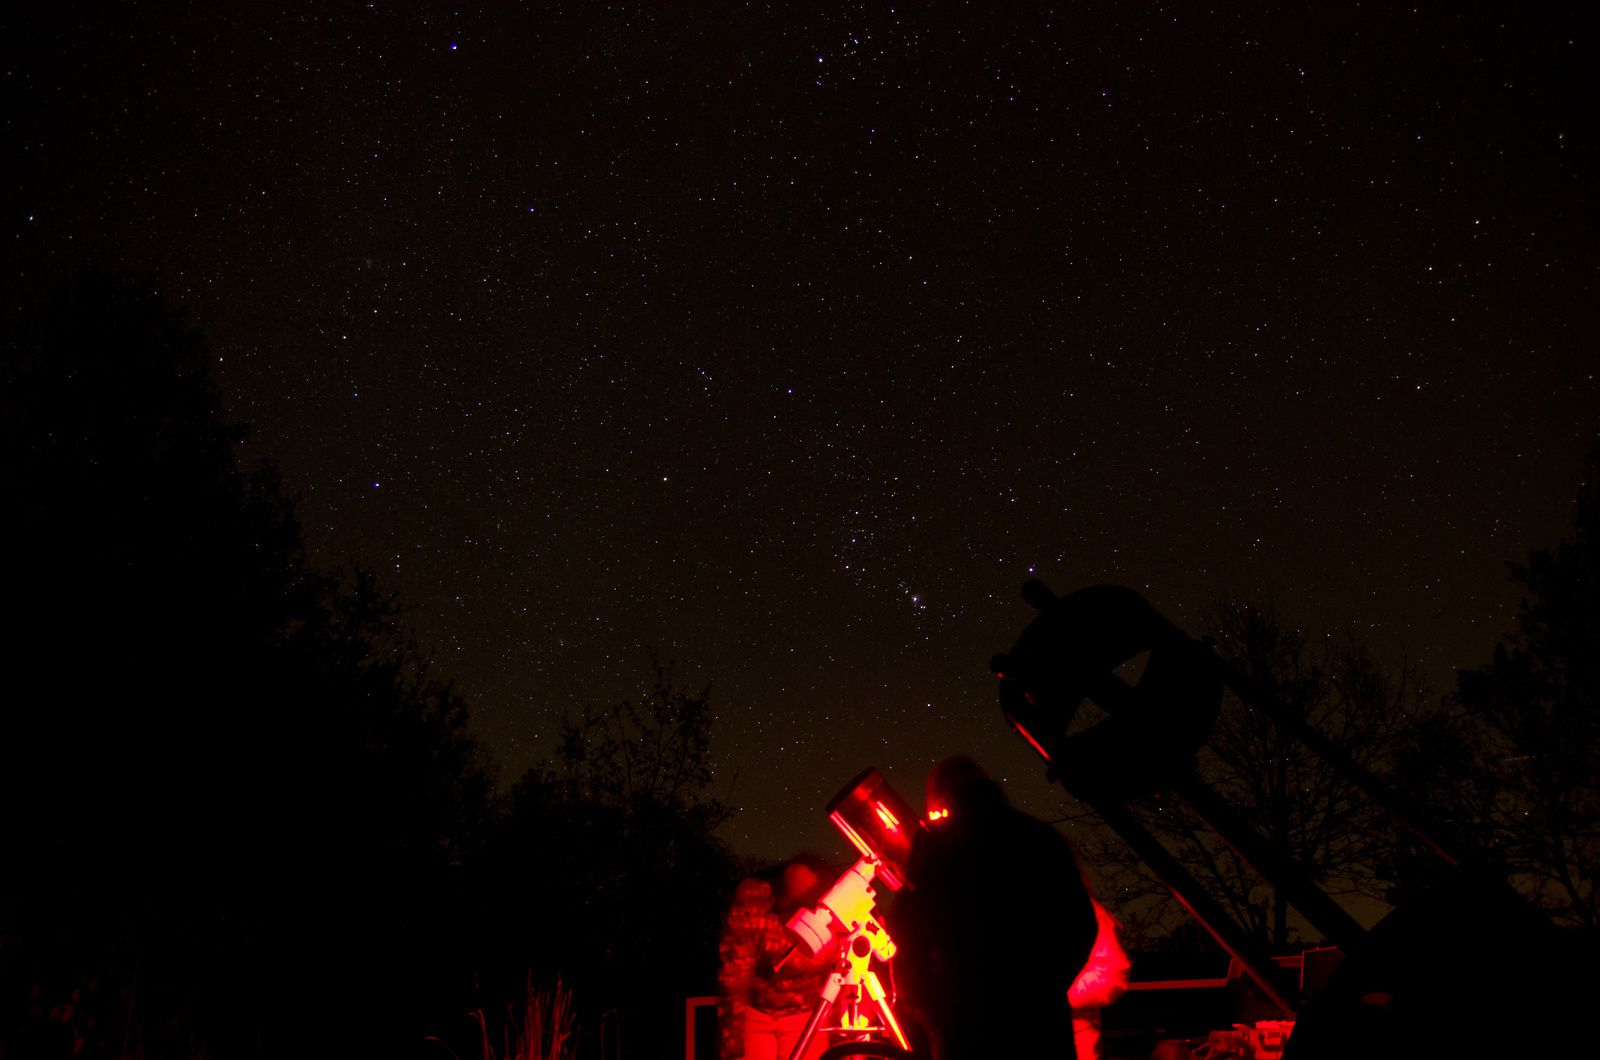 Photo d'ambiance prise le 02/12/2016 à l'observatoire de Gigouzac - Photo DV